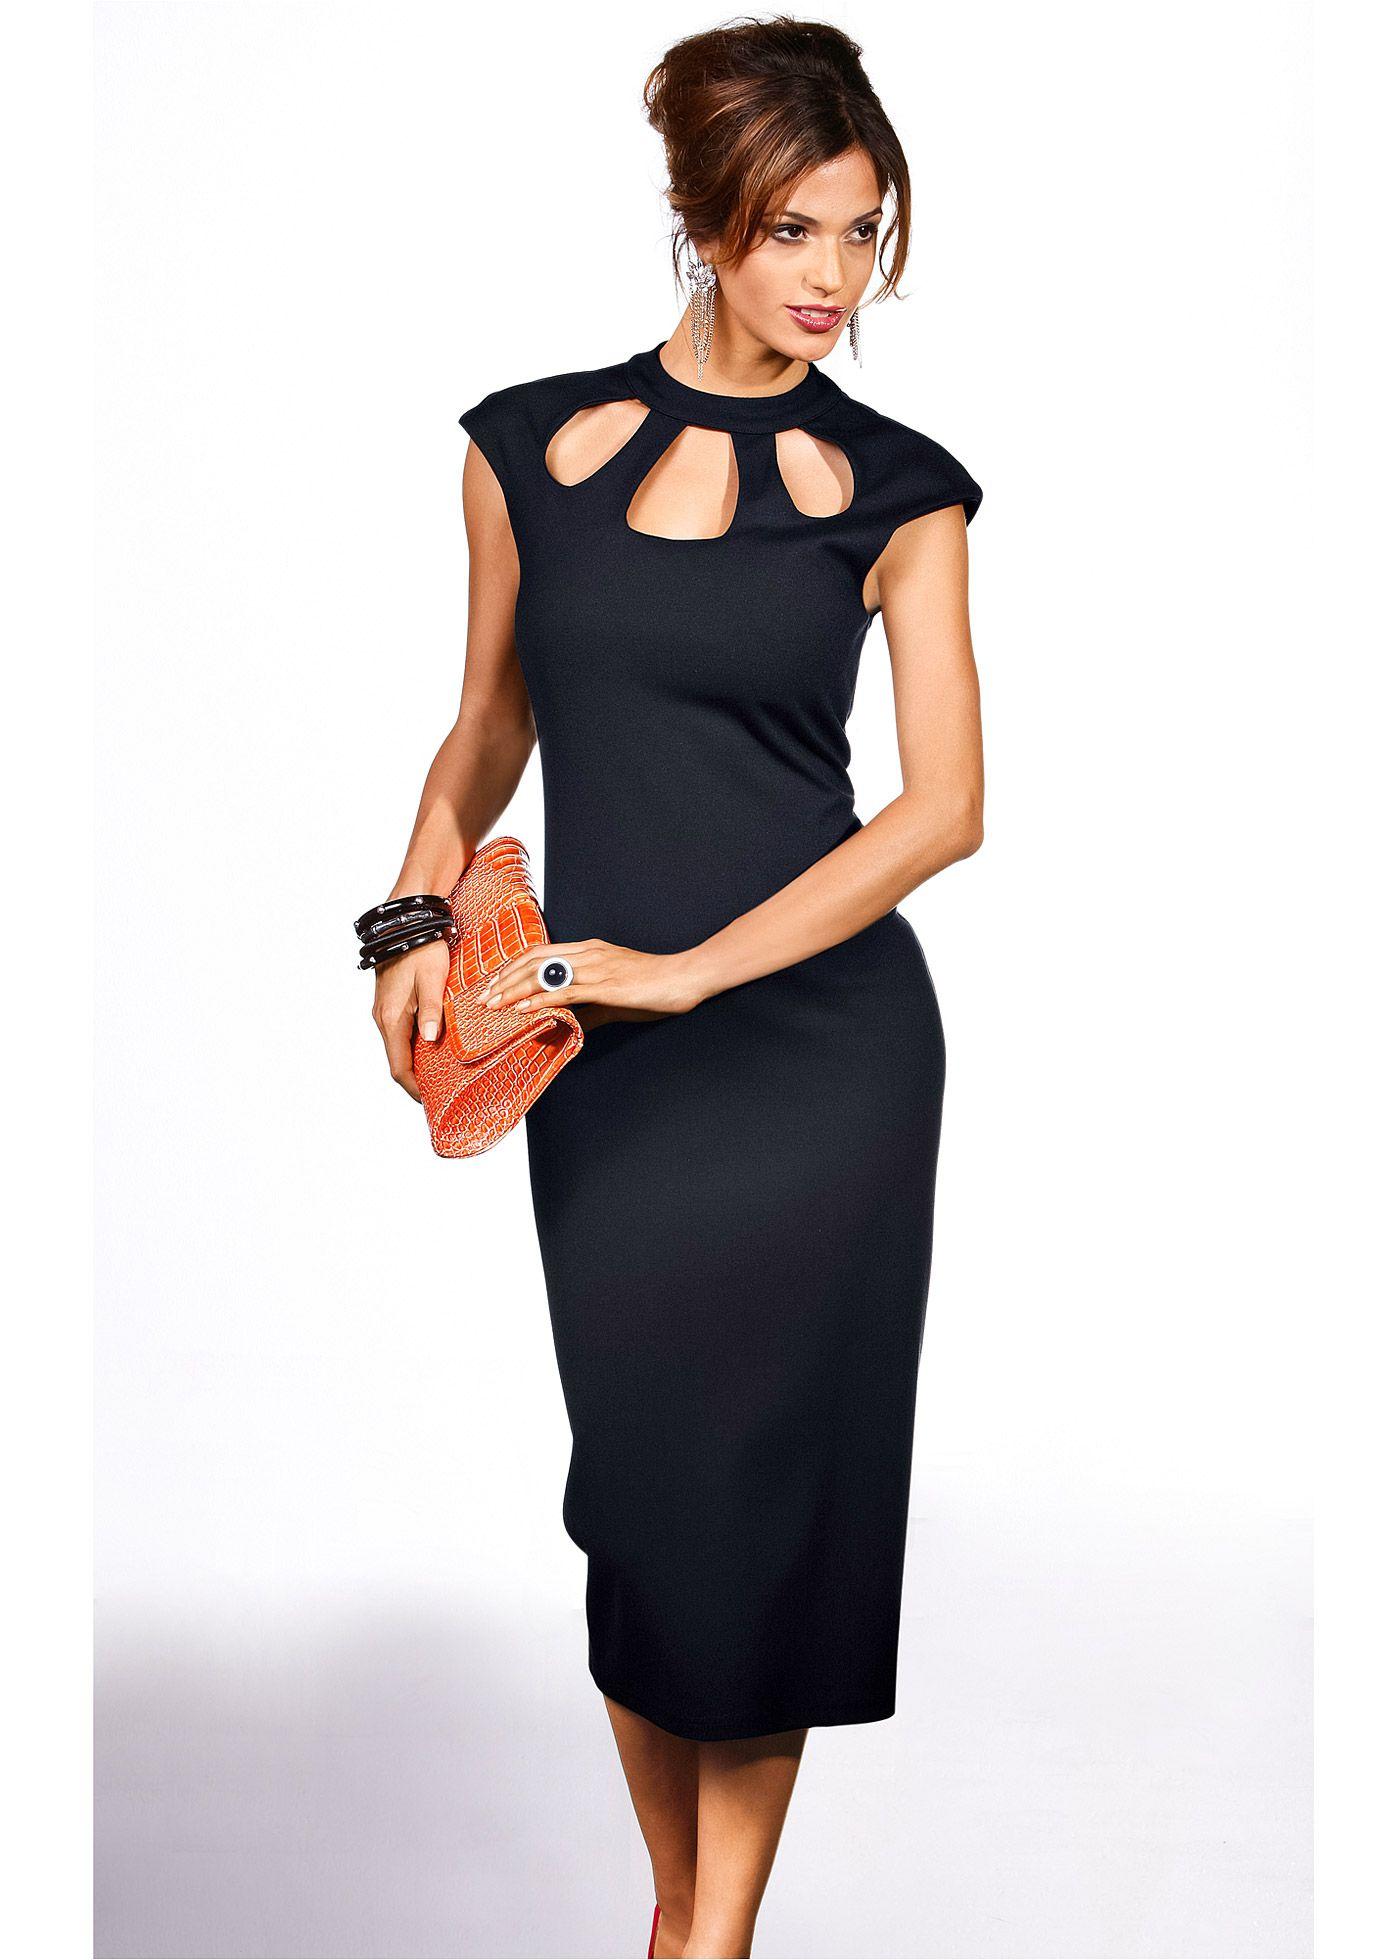 5a7b0f17b Vestido preto encomendar agora na loja on-line bonprix.de R$ 119,00 a  partir de Formato marcado feminino, supercharmoso! De jérsei mais  encorpado, com .